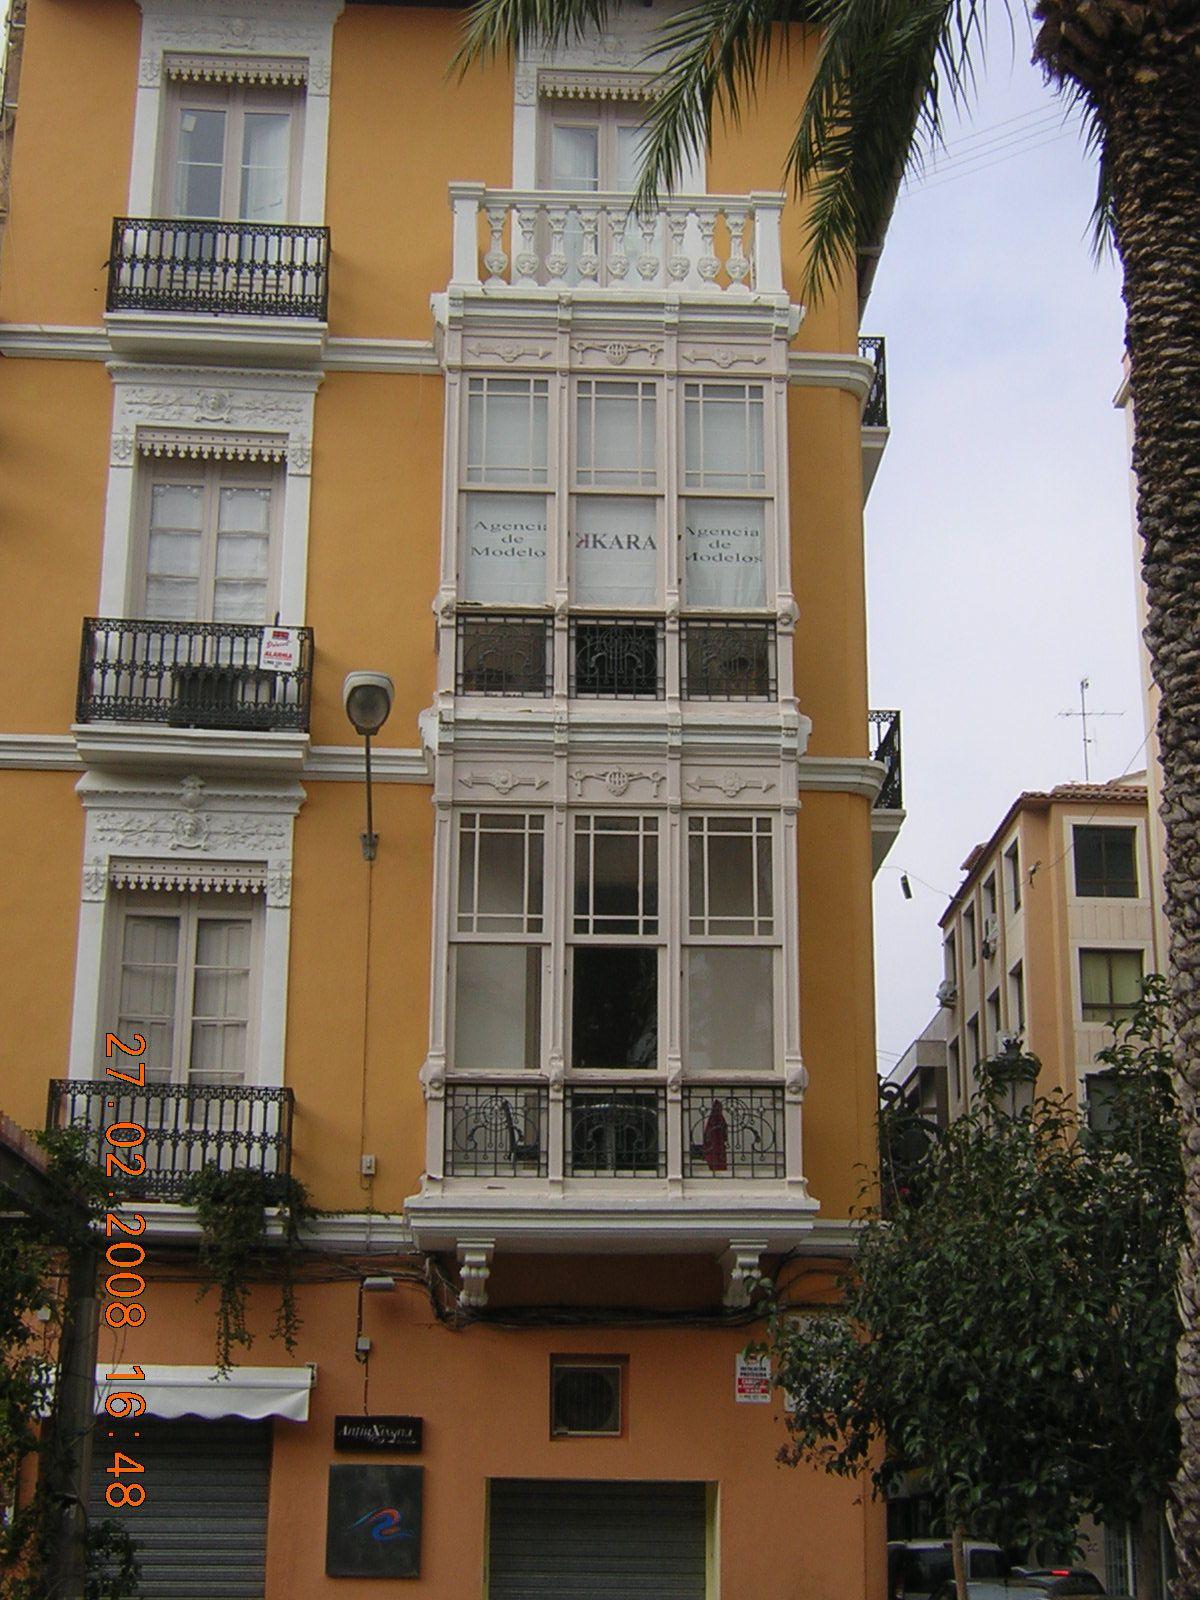 Piso en Alicante, Centro, venta